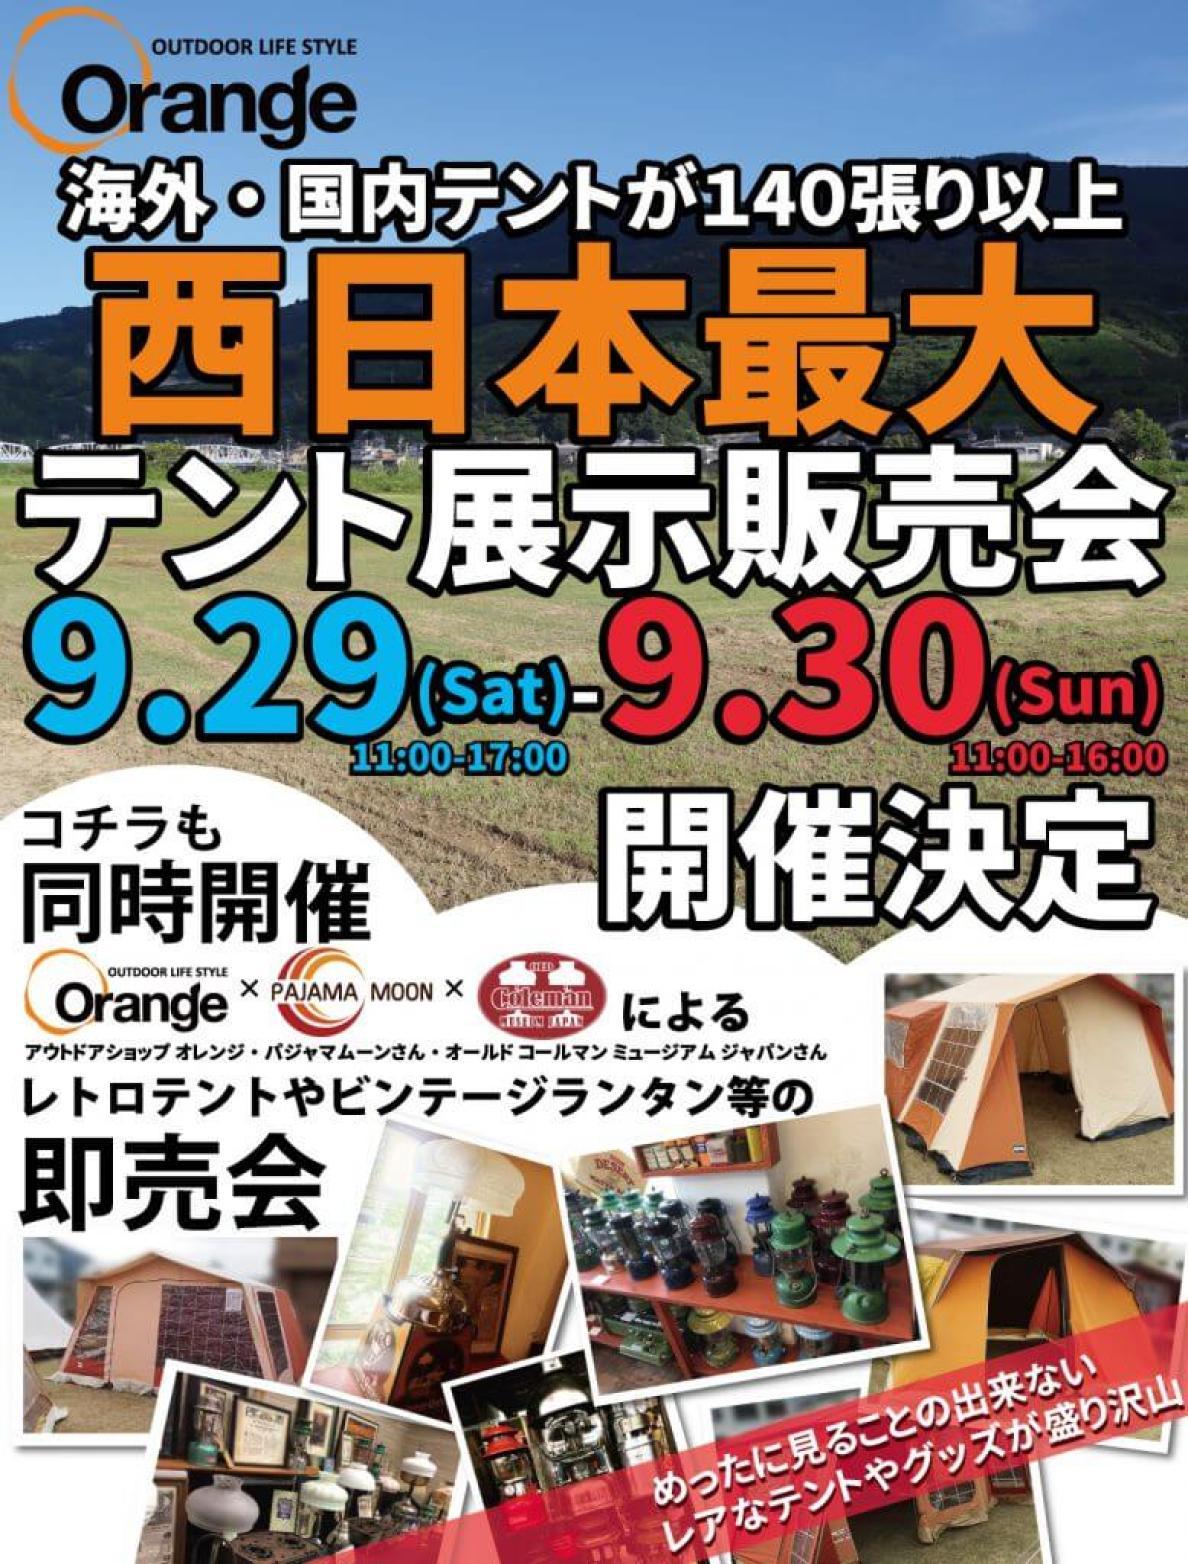 レトロテント展示即売会 和歌山県かつらぎ町